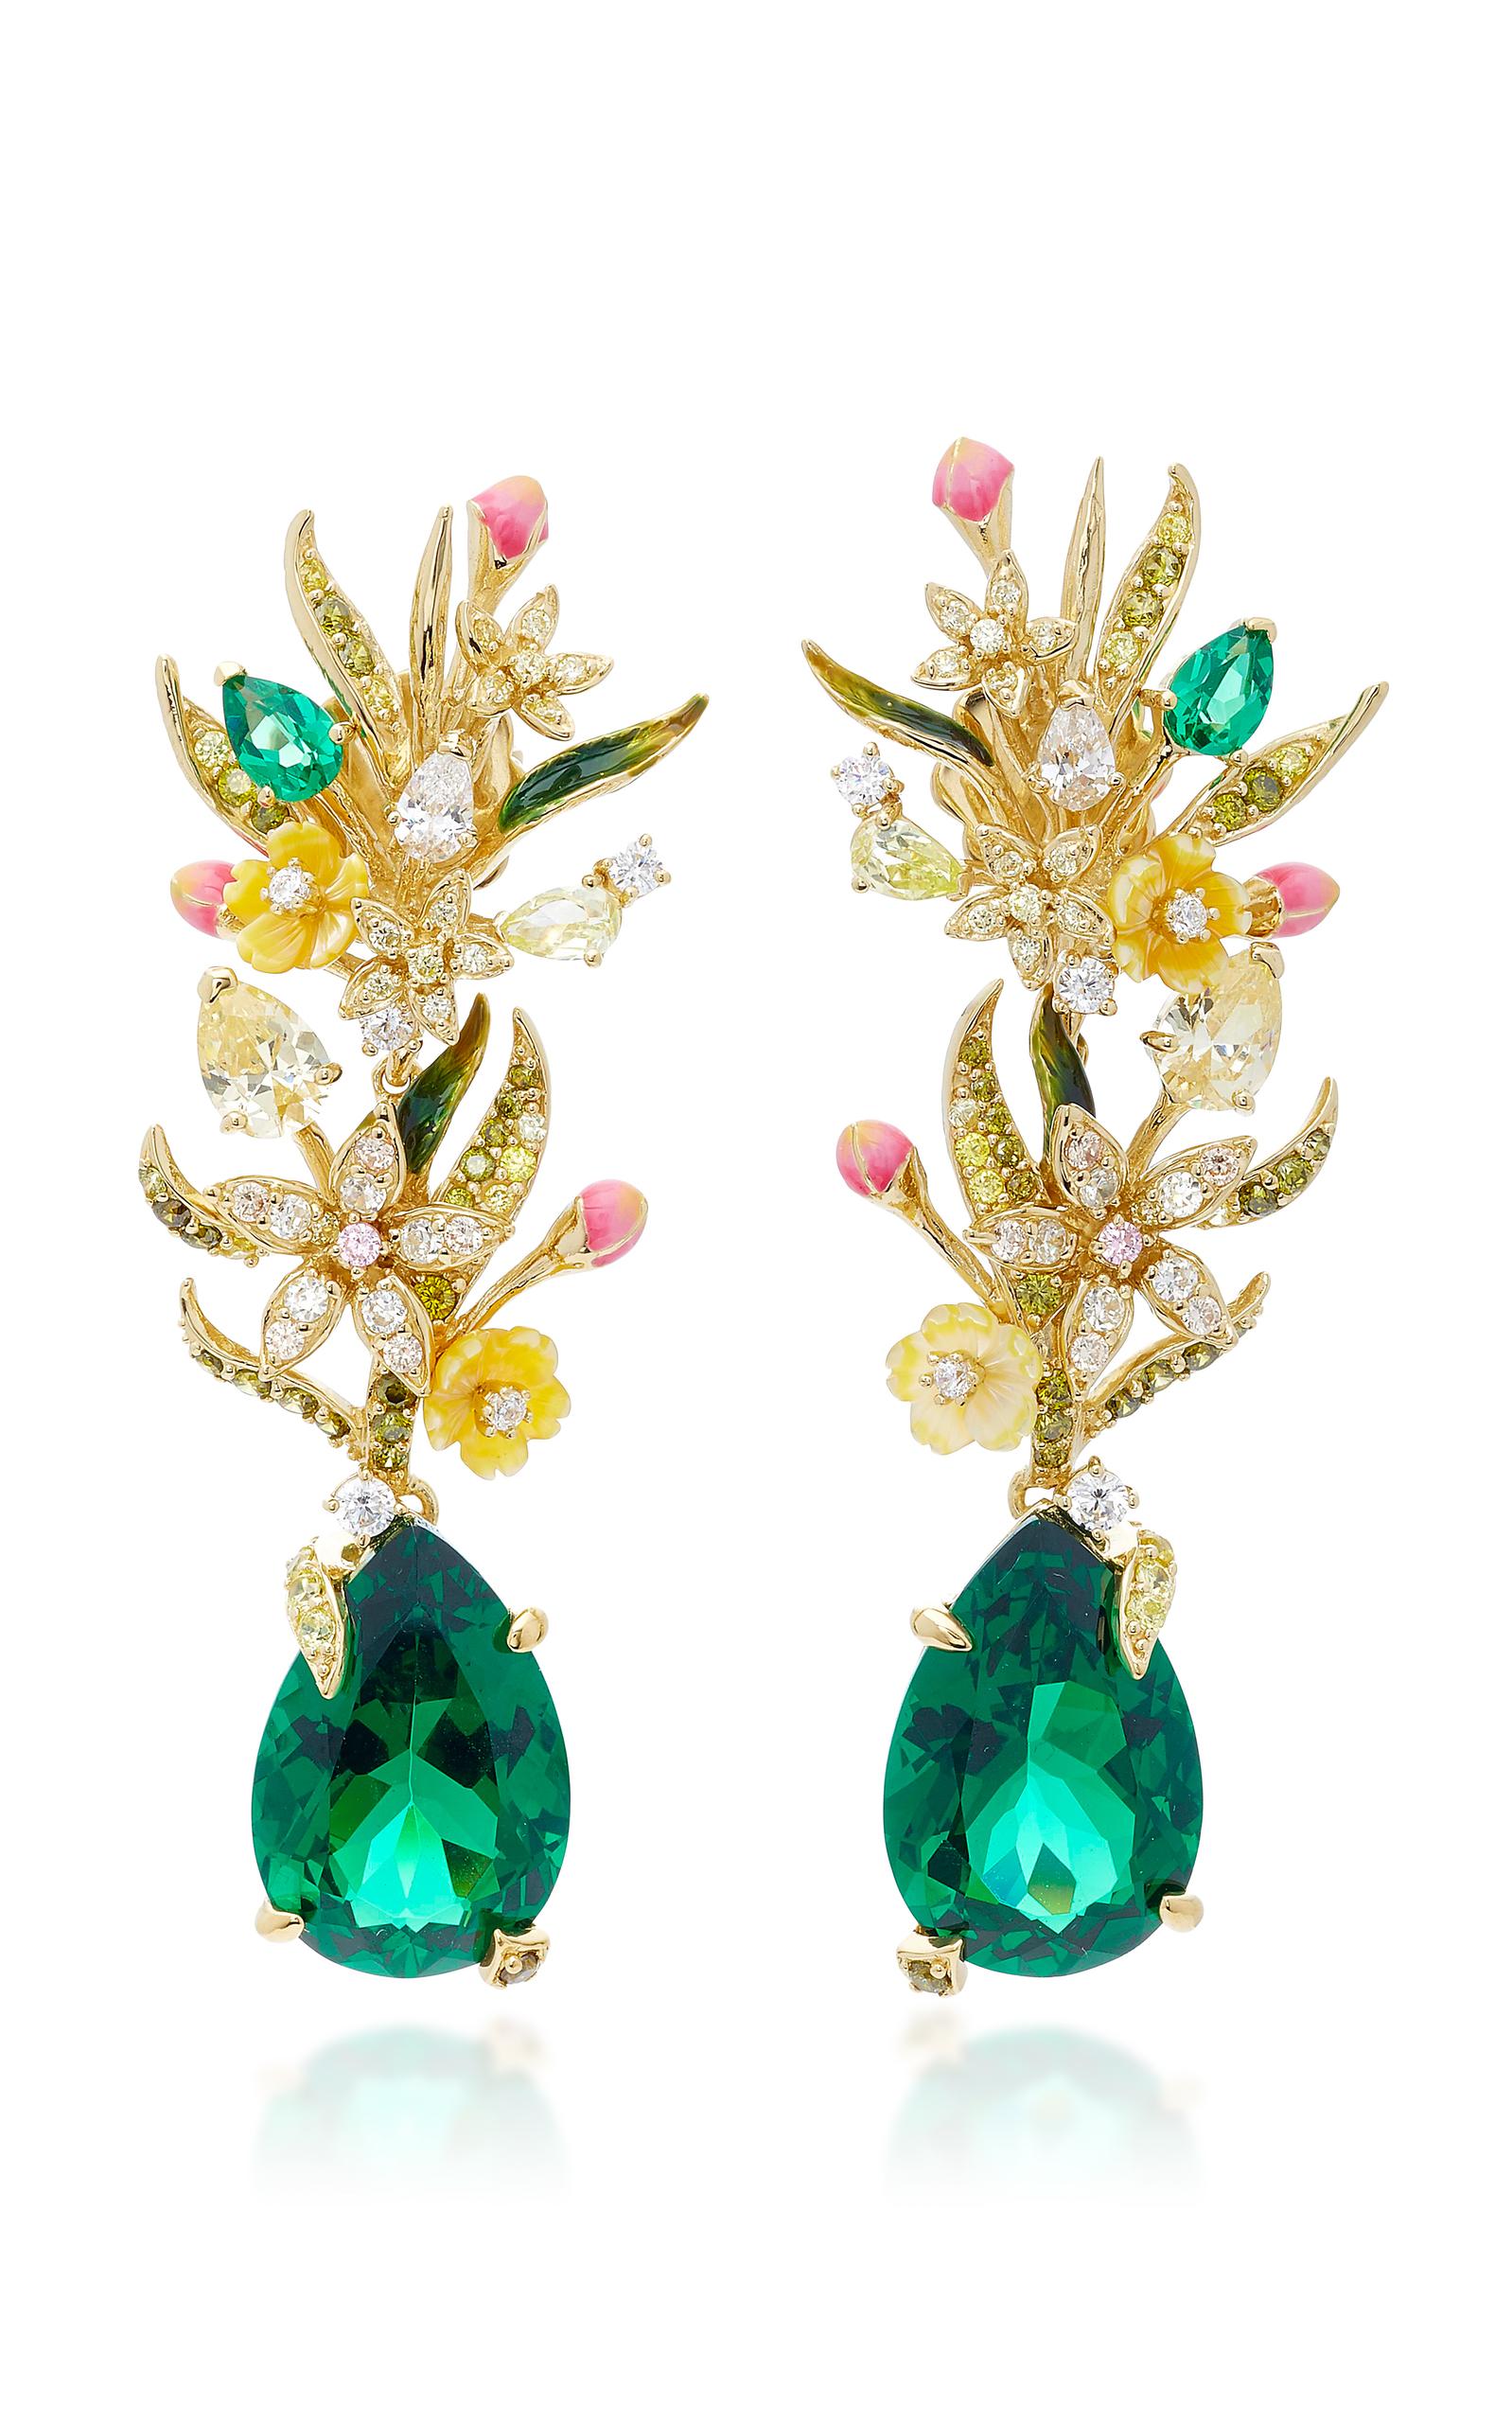 Women's Exclusive Posie 18K Yellow Gold Multi-Stone Earrings